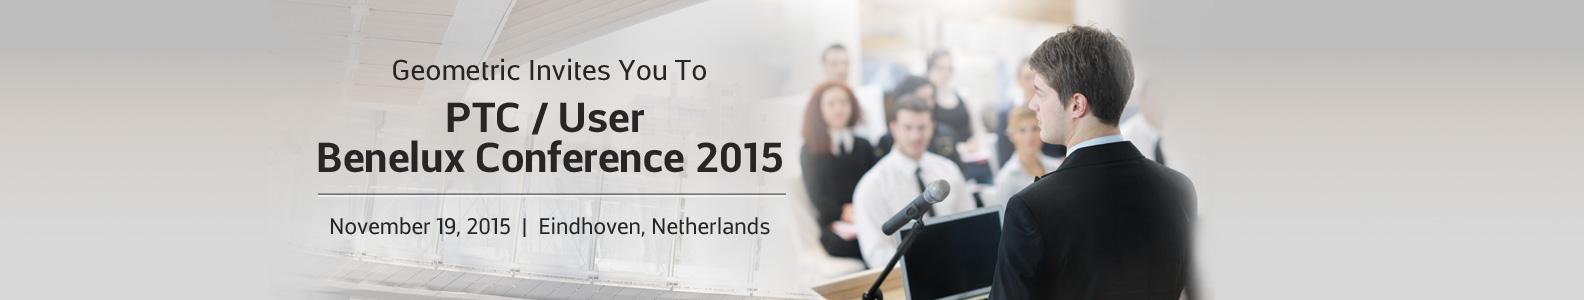 PTC-Benelux-Conference.jpg